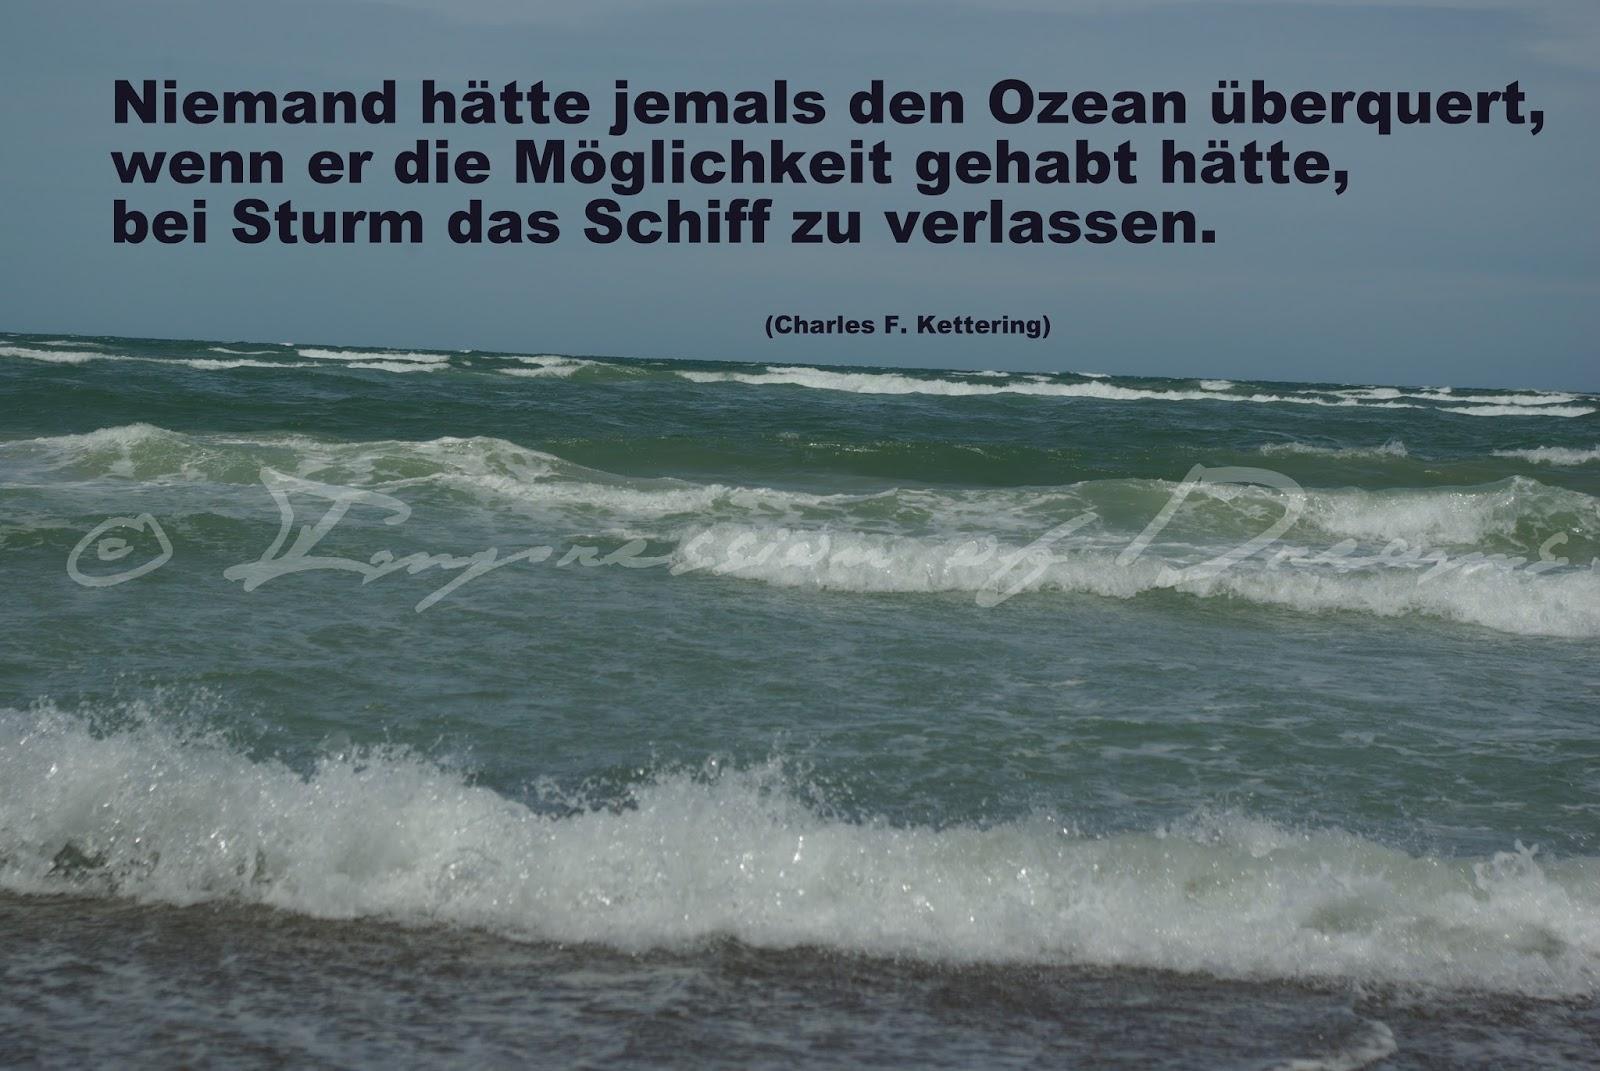 Niemand hätte jemals den Ozean überquert, wenn er die Möglichkeit gehabt hätte, bei Sturm das Schiff zu verlassen.